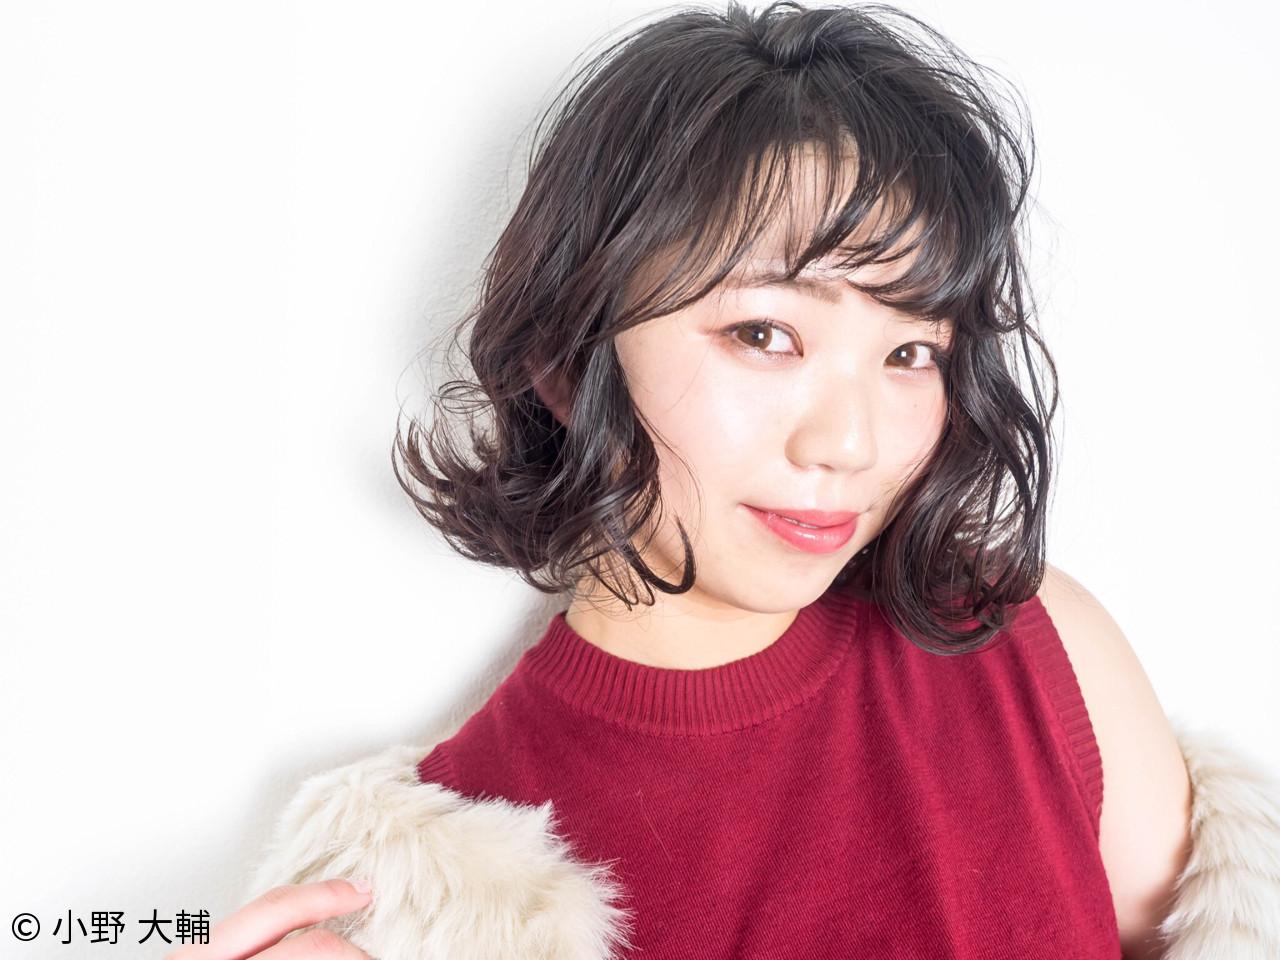 ナチュラル グレージュ 外ハネ アッシュグレージュ ヘアスタイルや髪型の写真・画像 | 小野 大輔 / OHIA  for plumeria